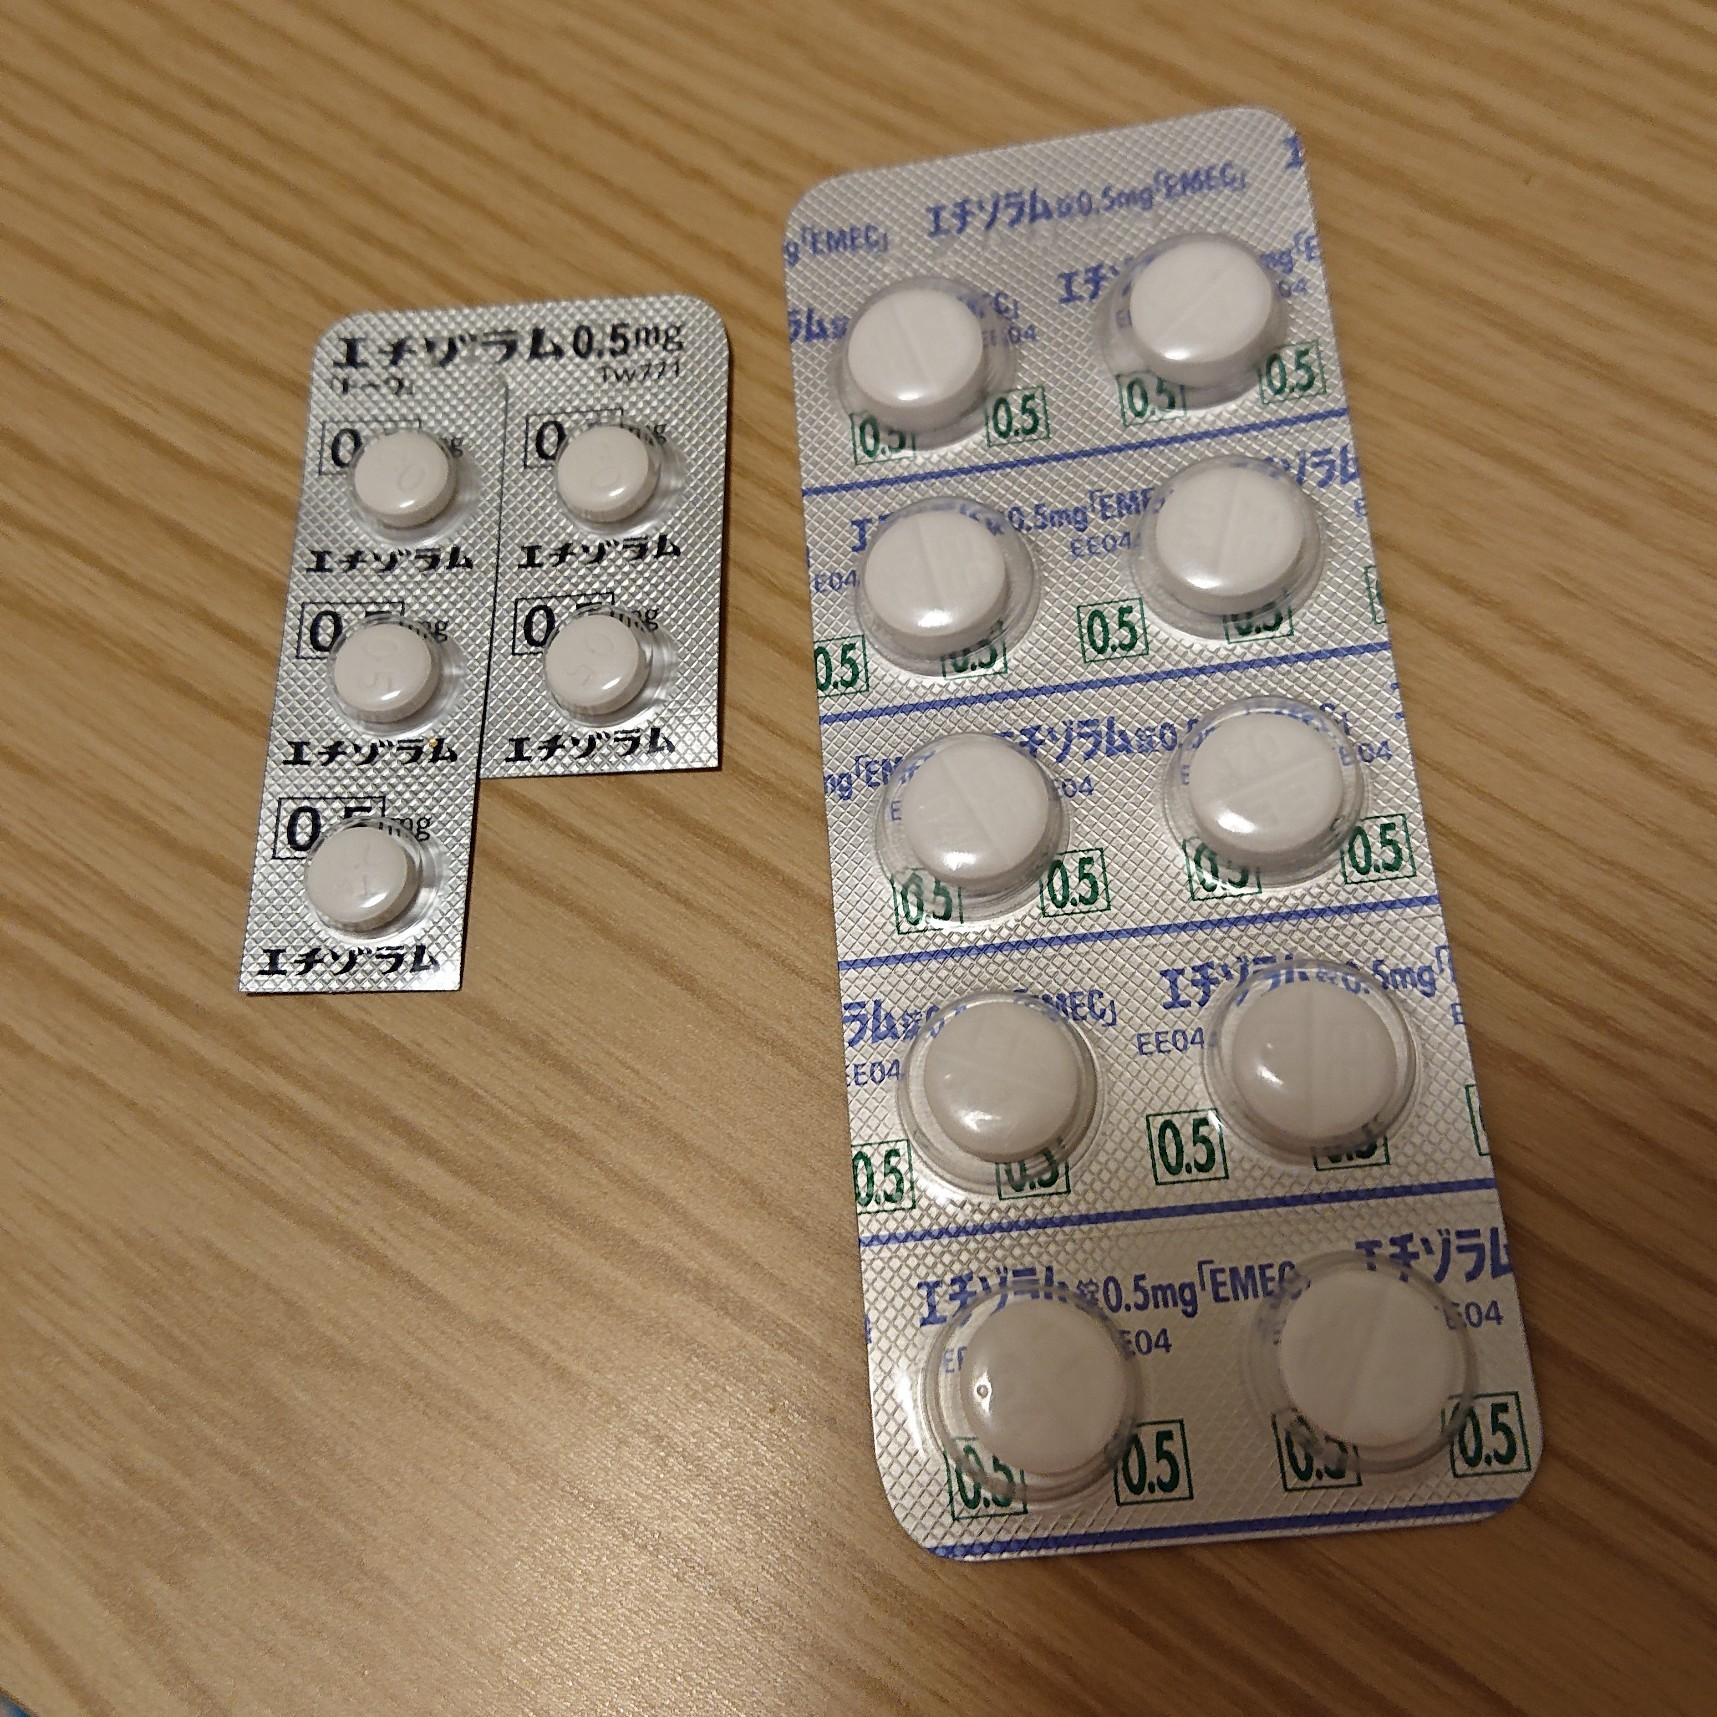 アセト フェン と イブプロフェン の 違い アミノ